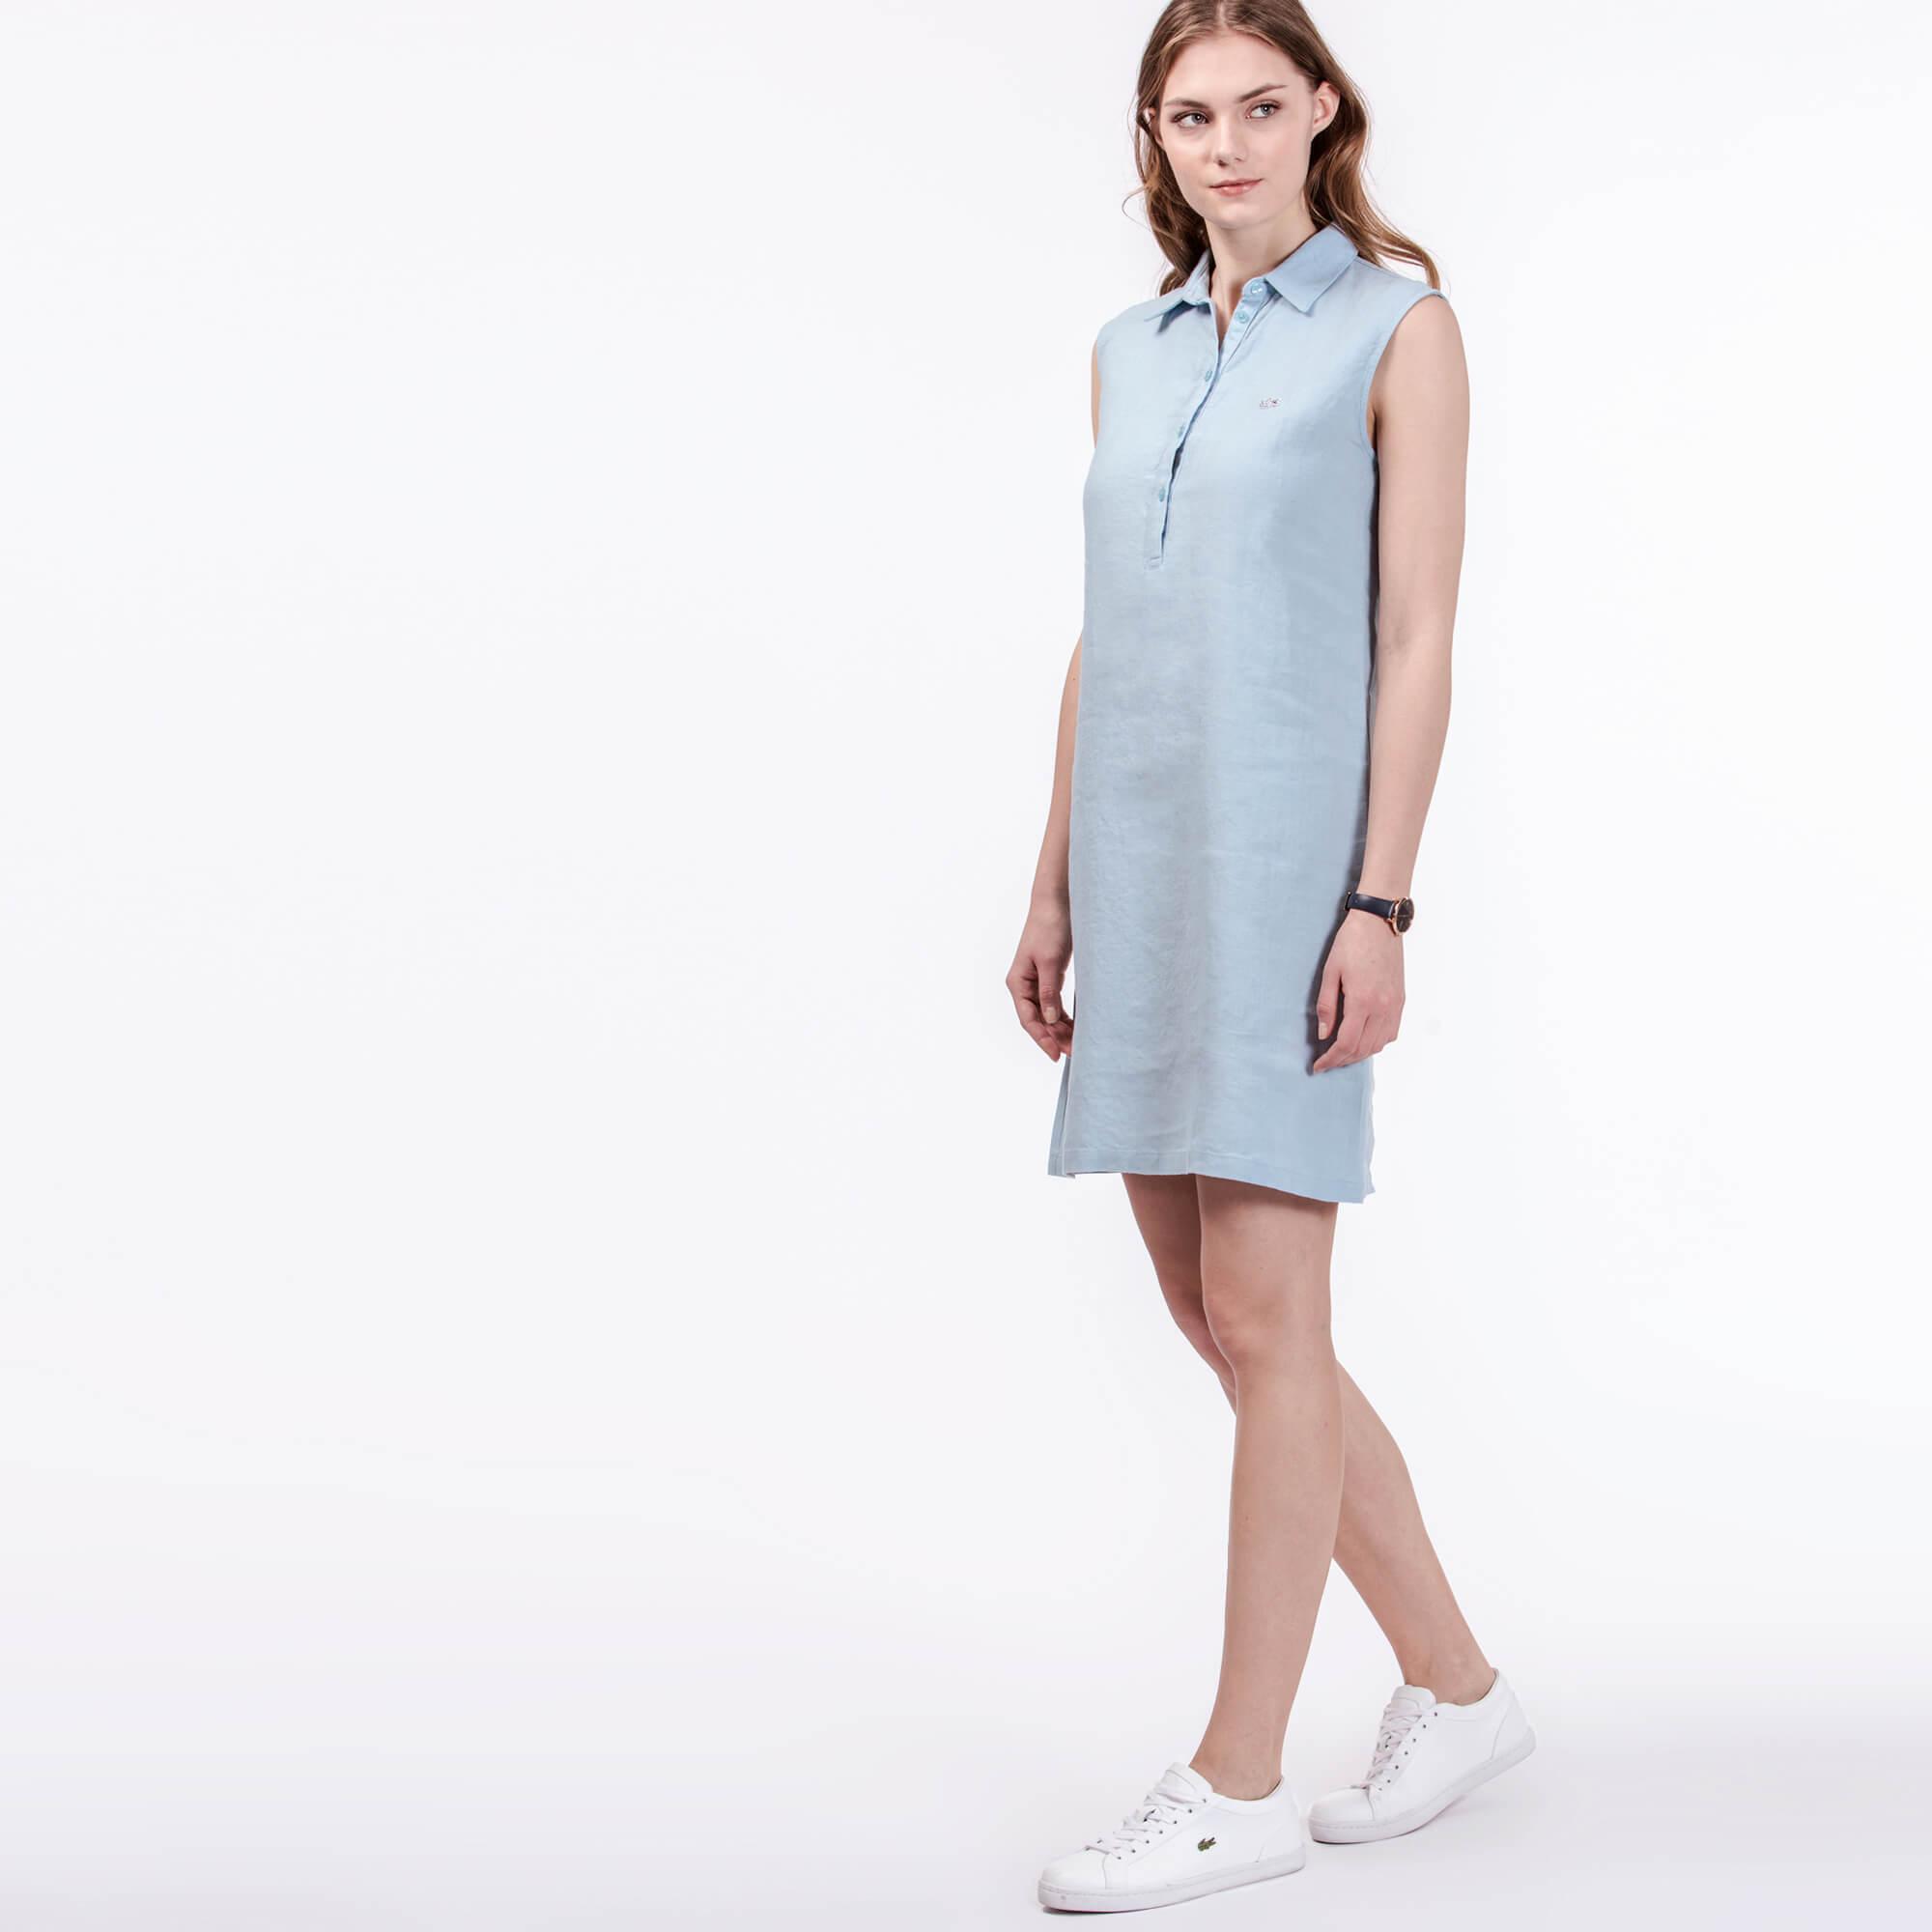 Платье LacosteПлатья и юбки<br>Детали: женское платье из льна  \ Материал: 100% лен \ Страна производства: Турция